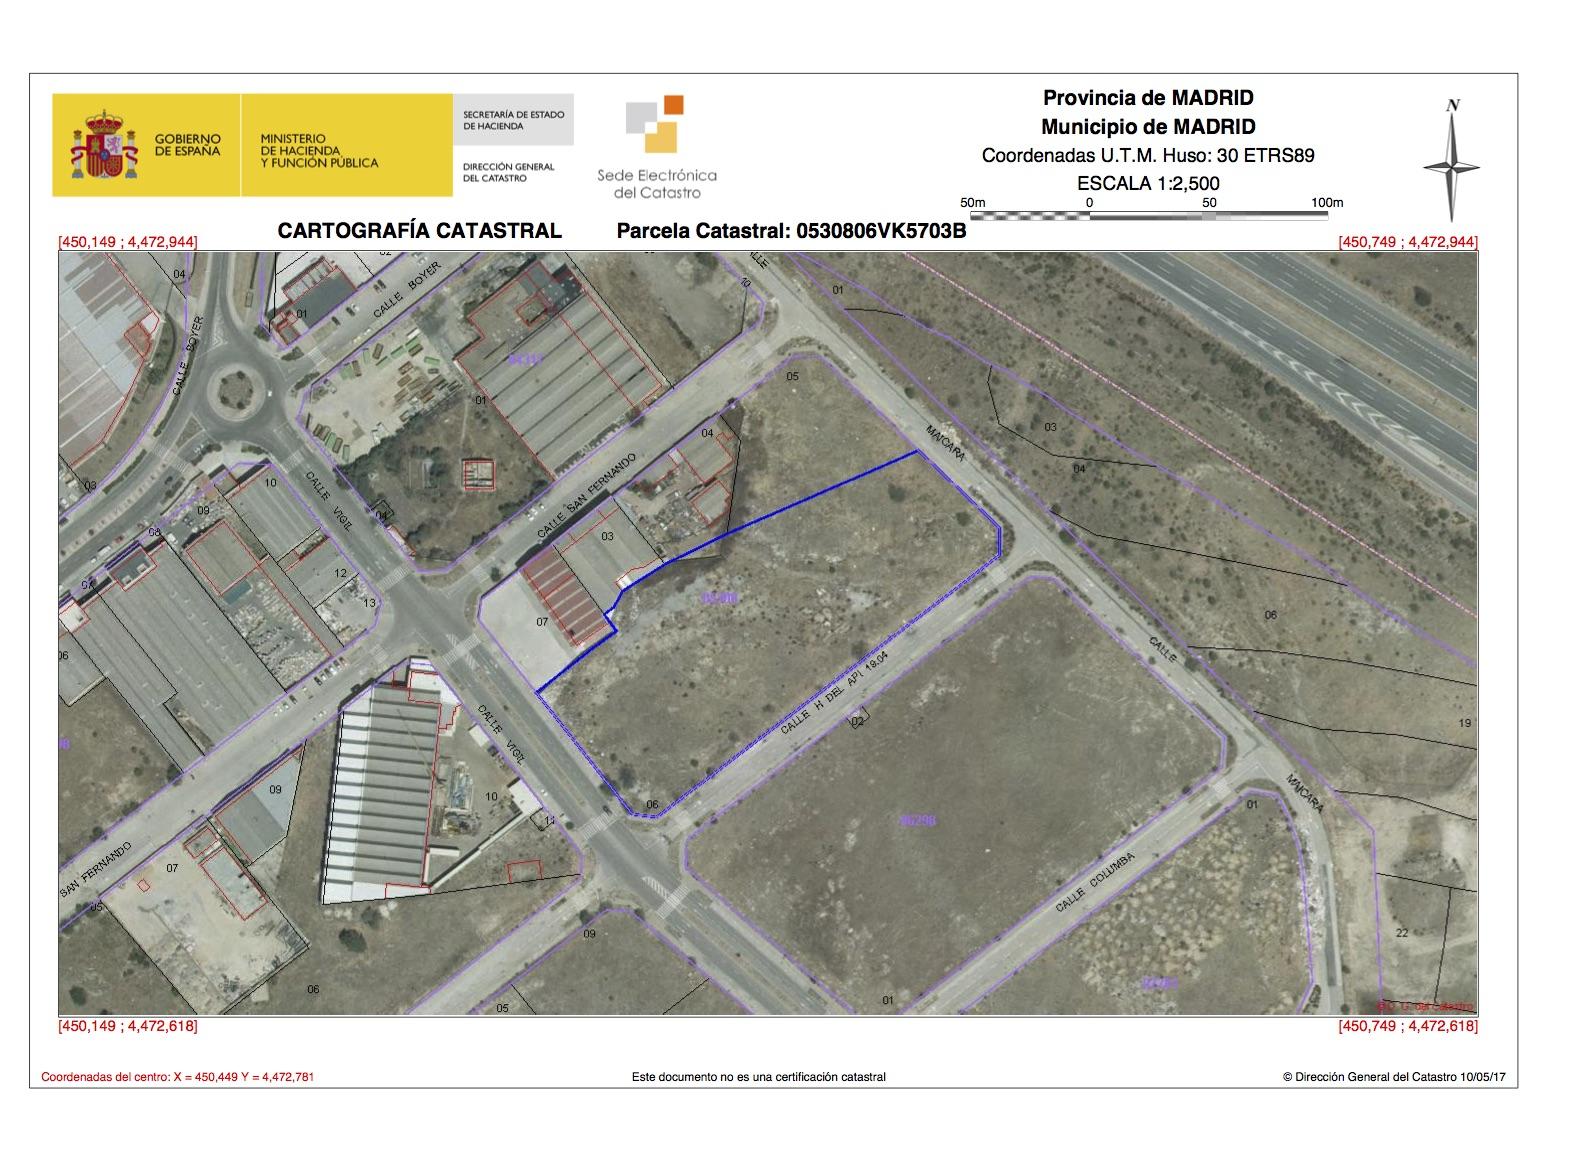 Polígono Industrial de Vicálvaro. Parcela M26-6